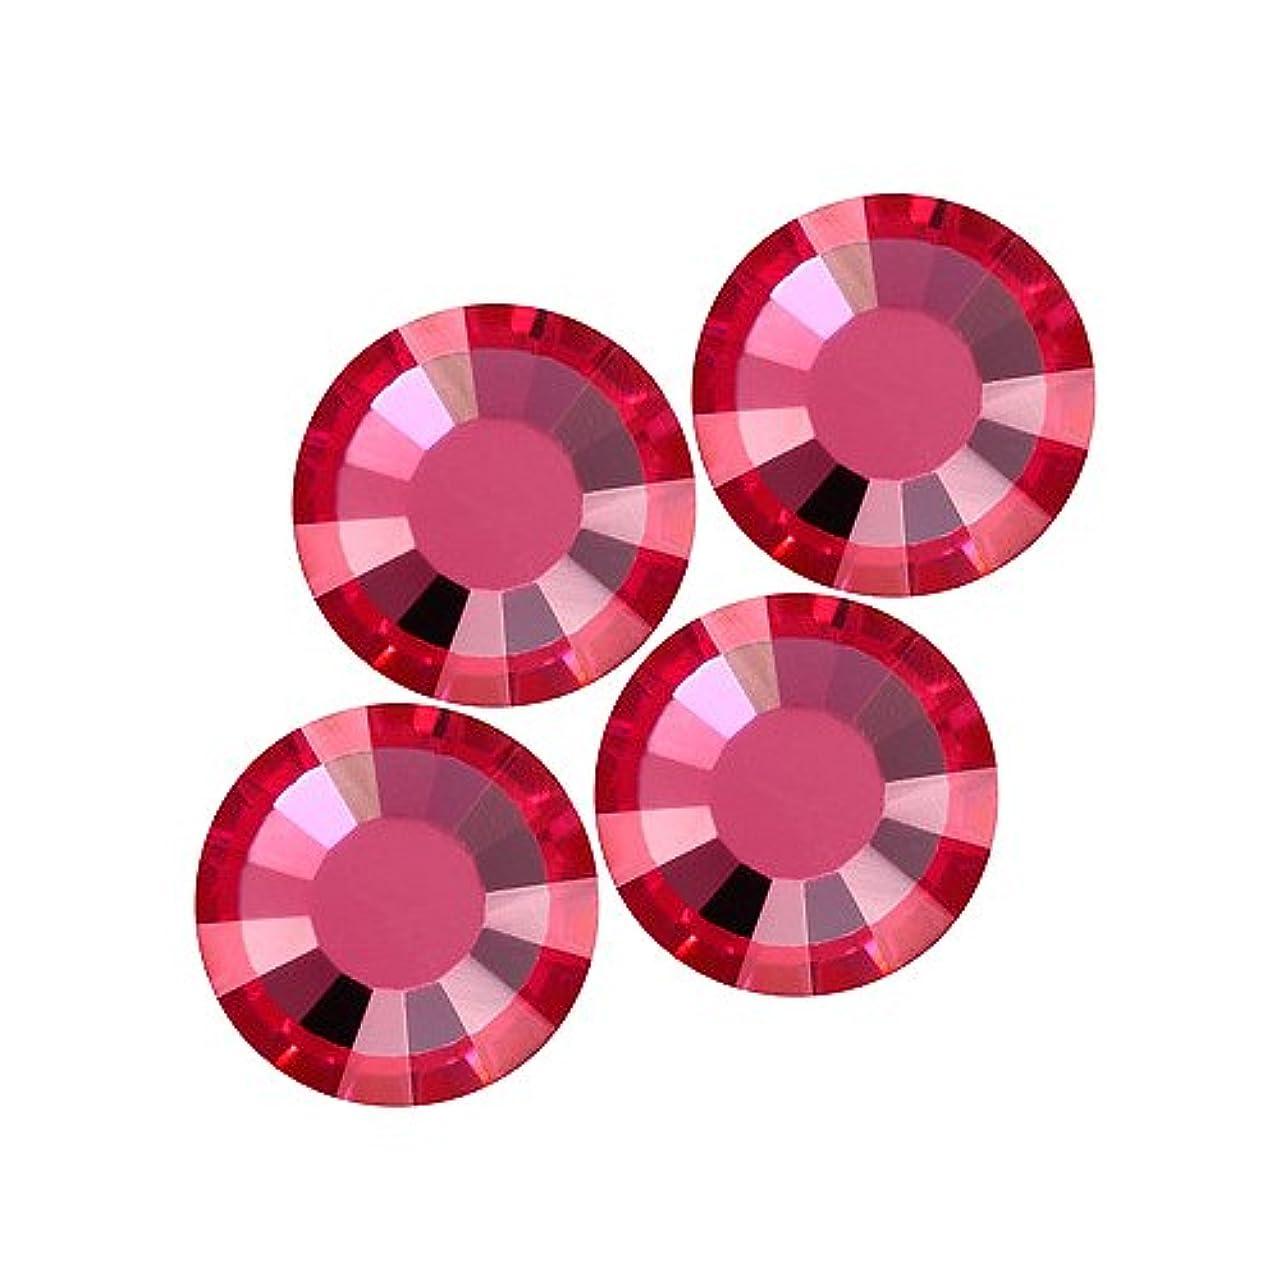 魔術師国練るバイナル DIAMOND RHINESTONE ローズ SS8 720粒 ST-SS8-ROS-5G